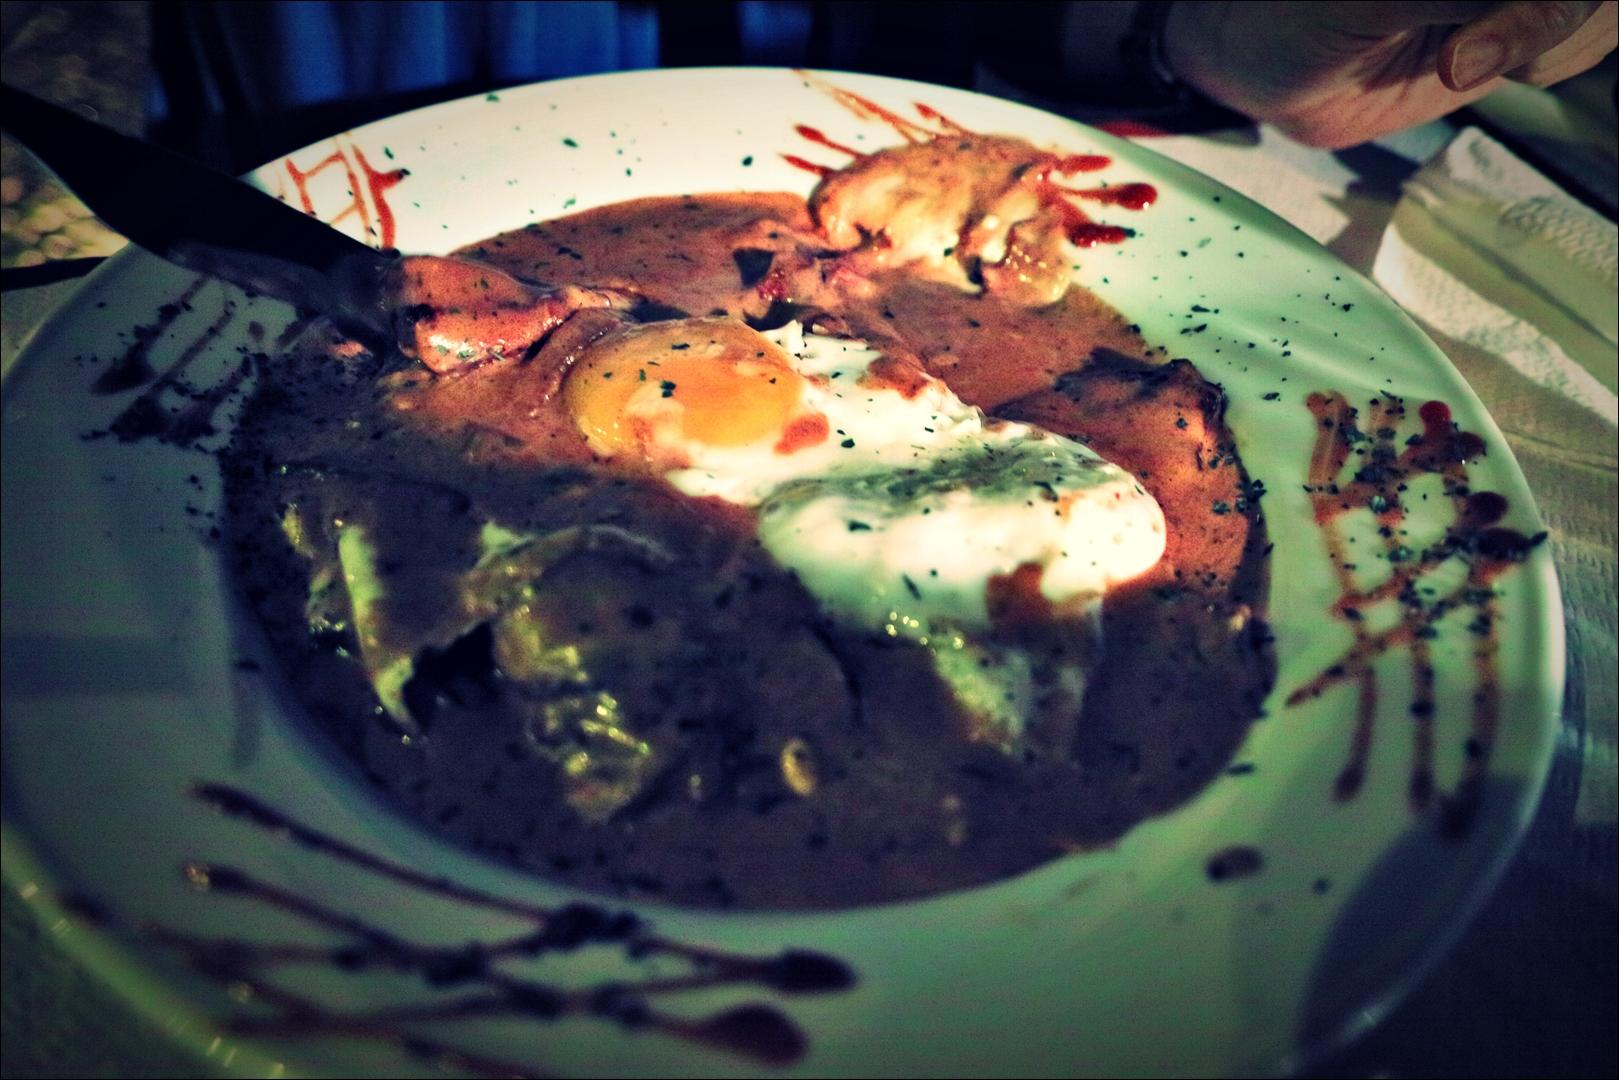 솔 브라질 스테이크-'솔 브라질(Restaurant Sol brazil)'